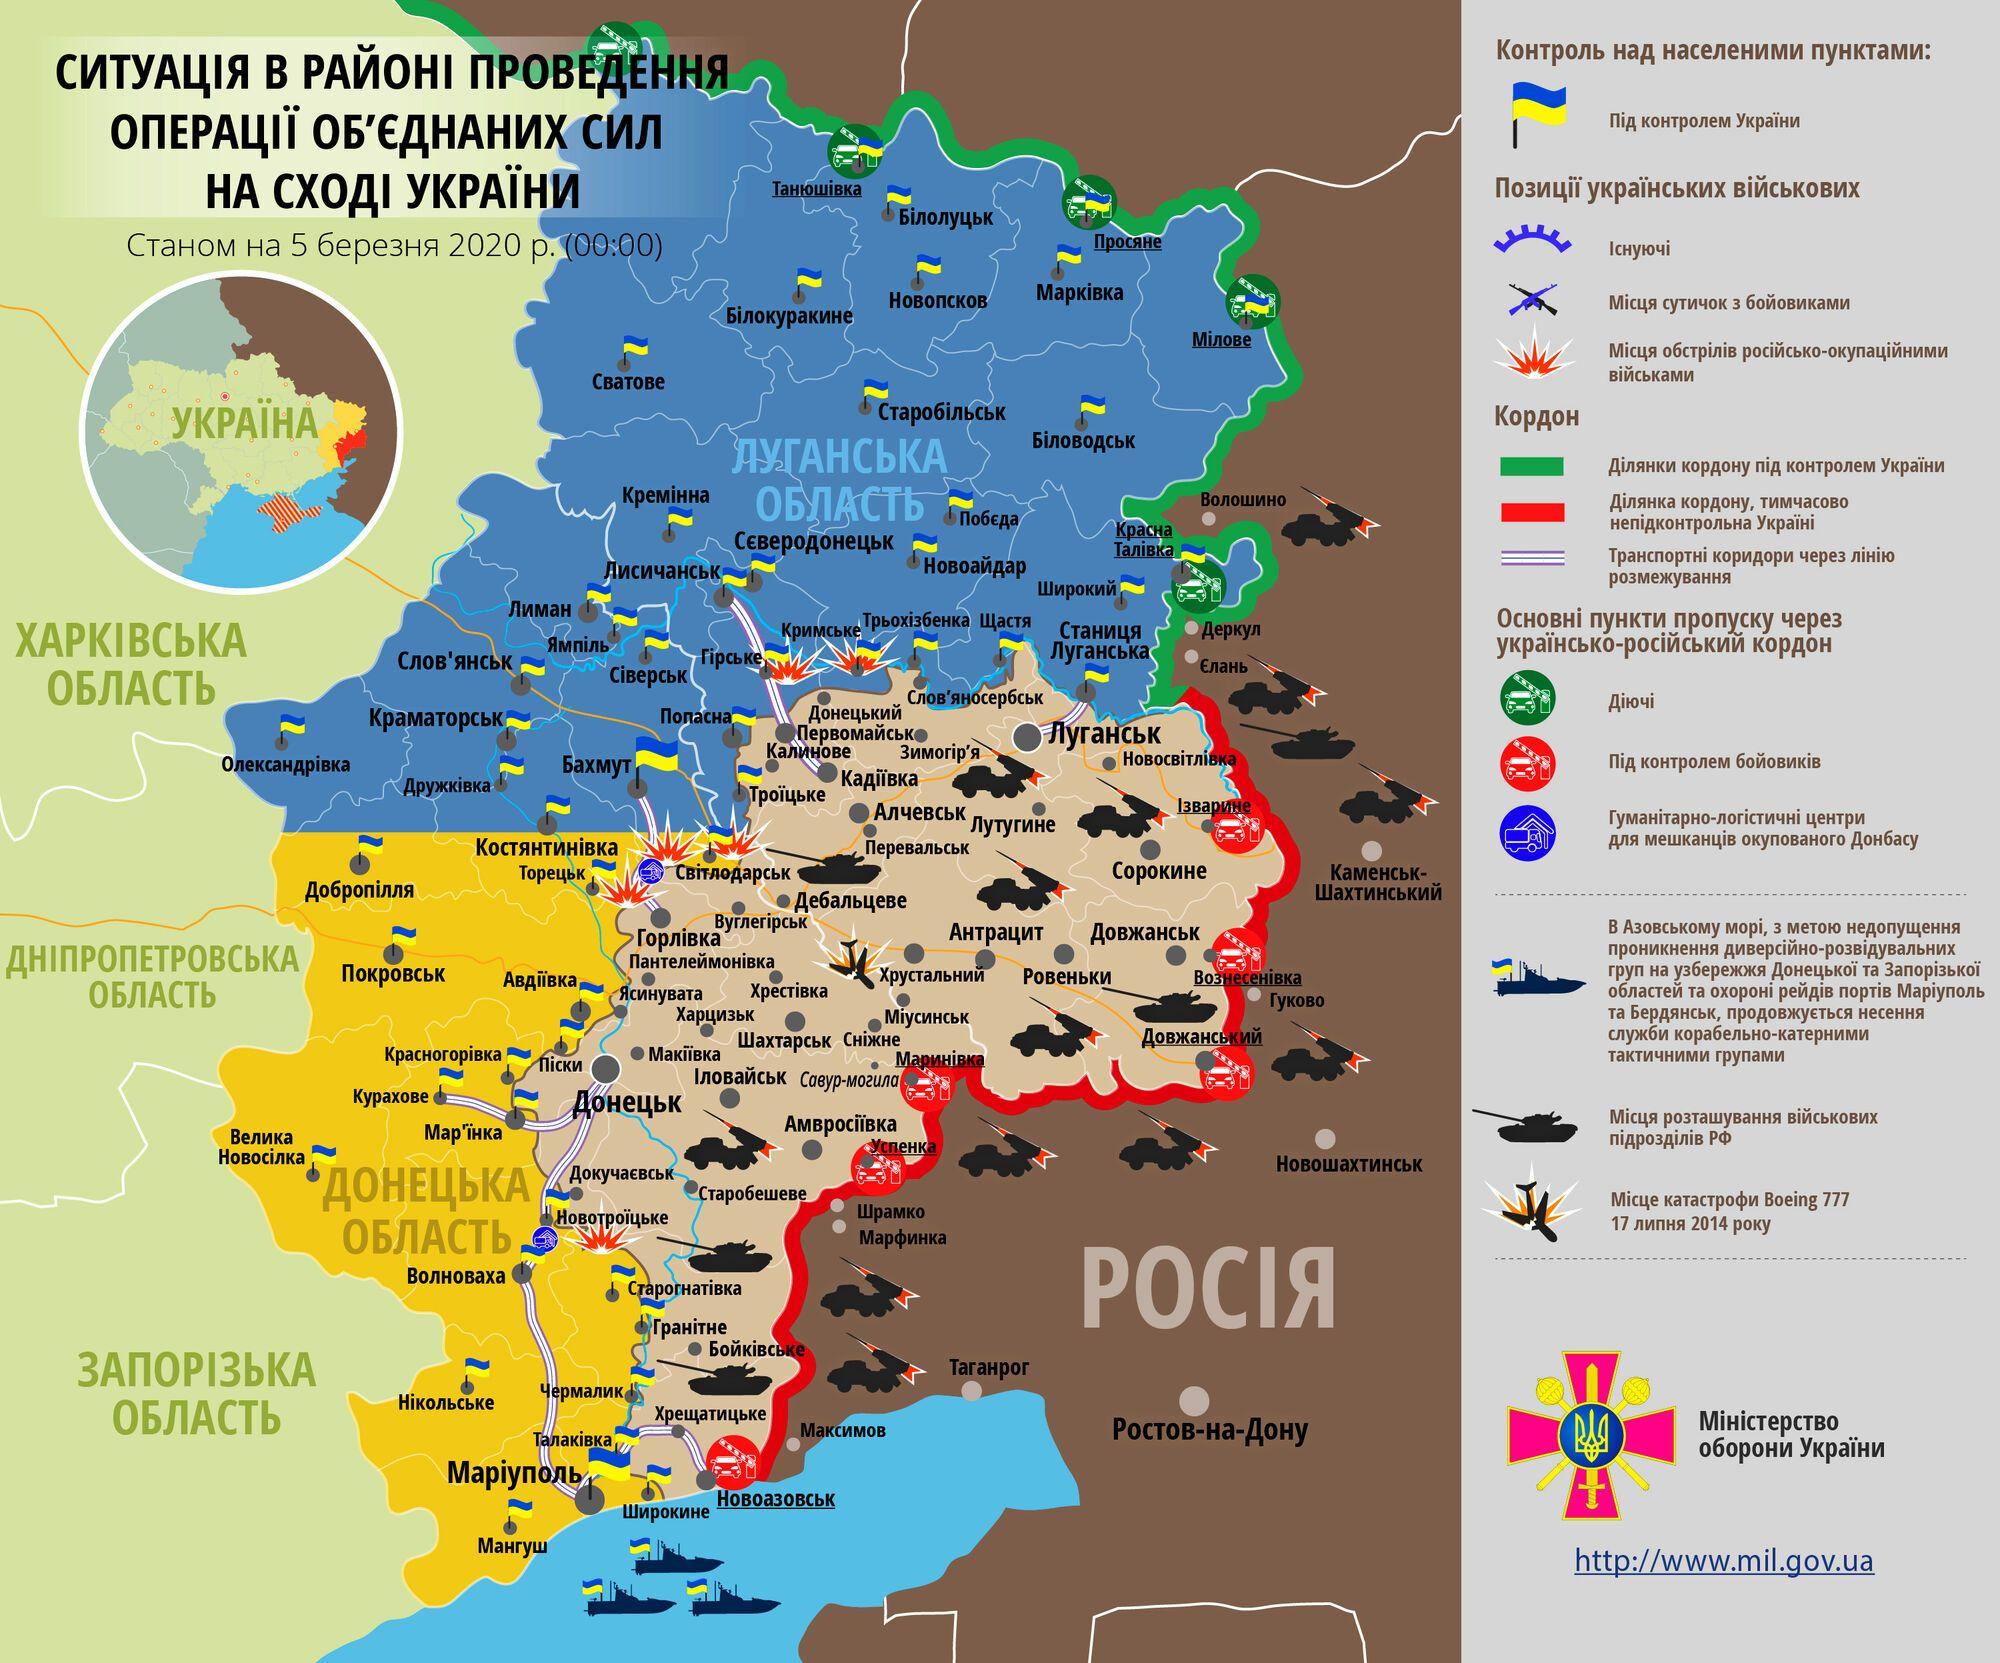 На Донбасі пройшли нові жорсткі бої: ЗСУ повідомили про поранених